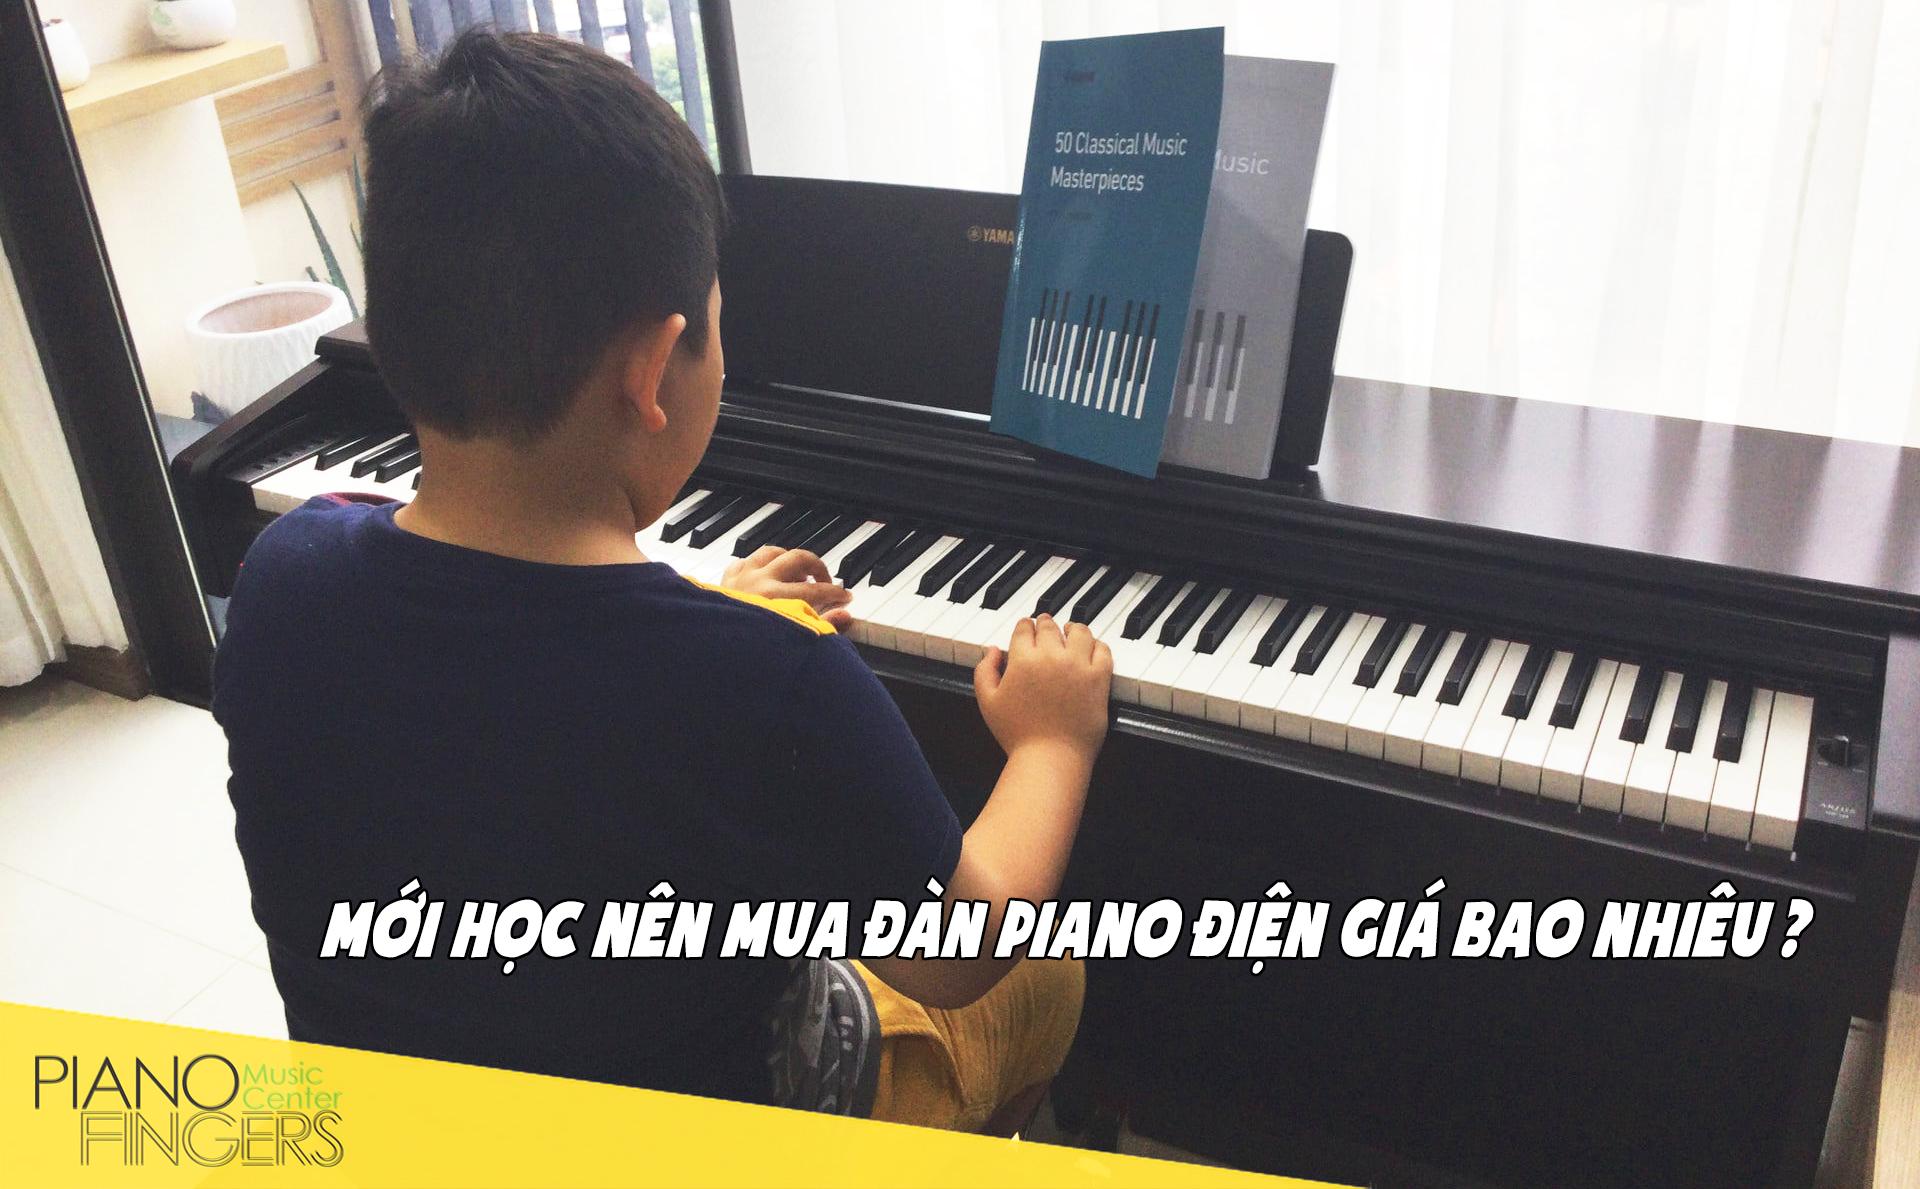 moi-hoc-nen-mua-dan-piano-dien-gia-bao-nhieu-yamaha-ydp-144-2